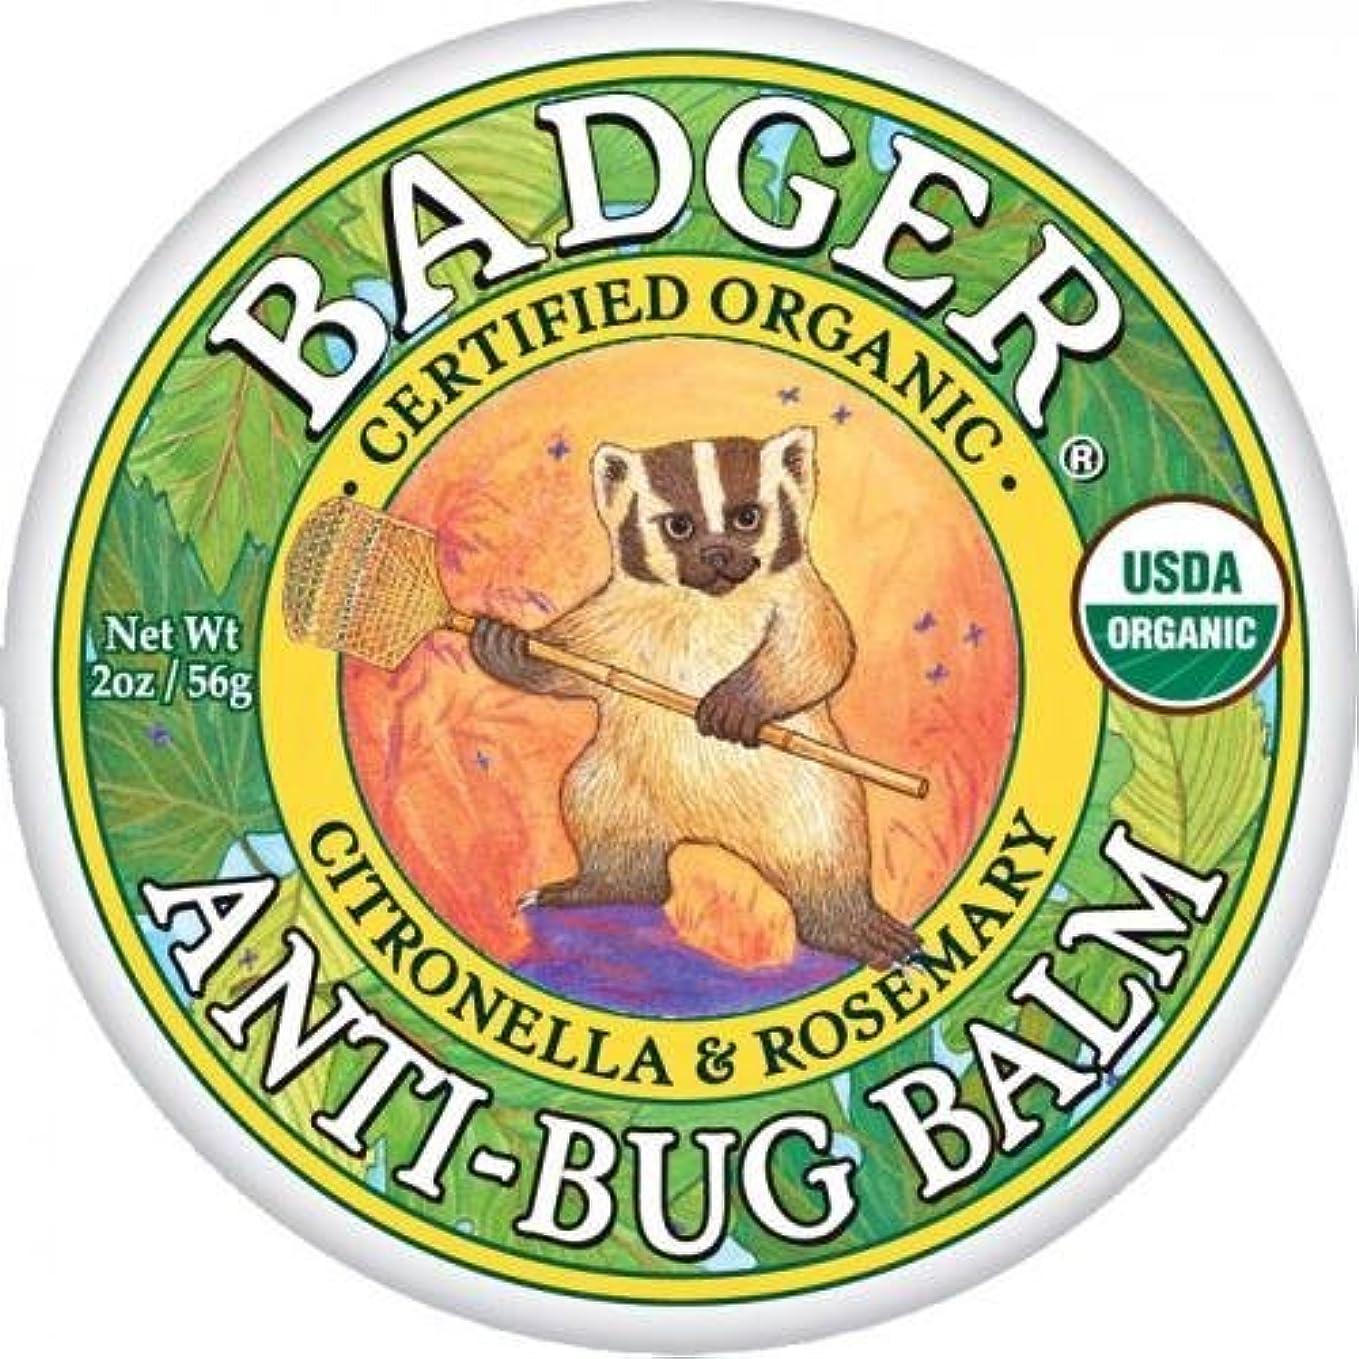 銀河マサッチョ環境Badger バジャー オーガニック虫よけクリーム【大サイズ】 56g【海外直送品】【並行輸入品】